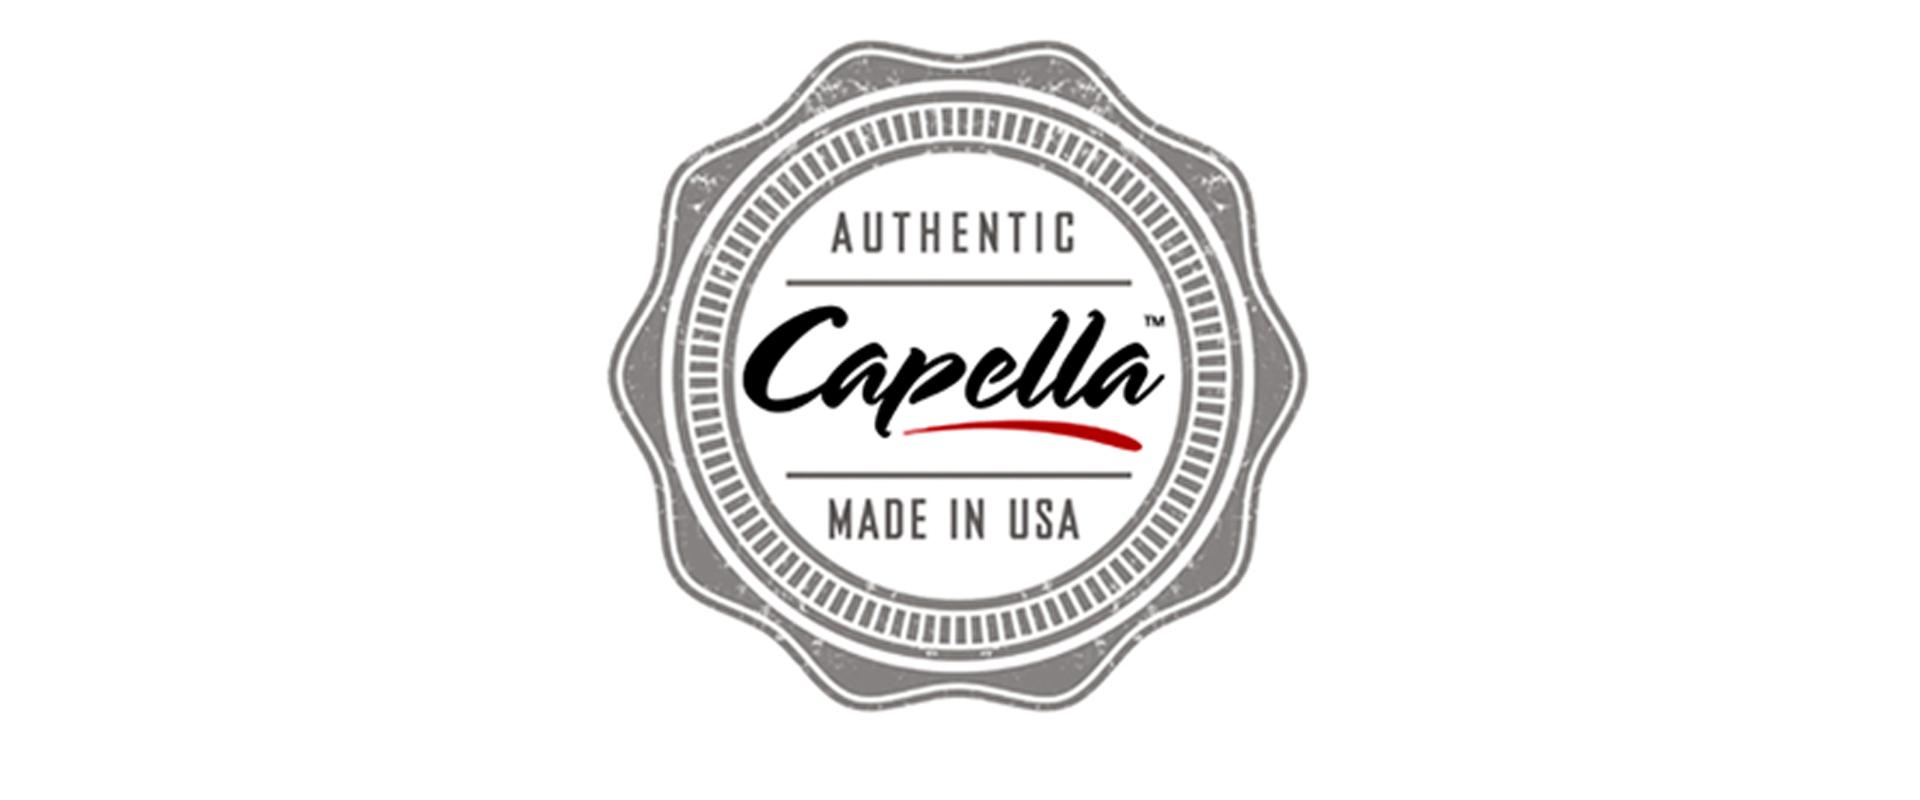 Capella lugu